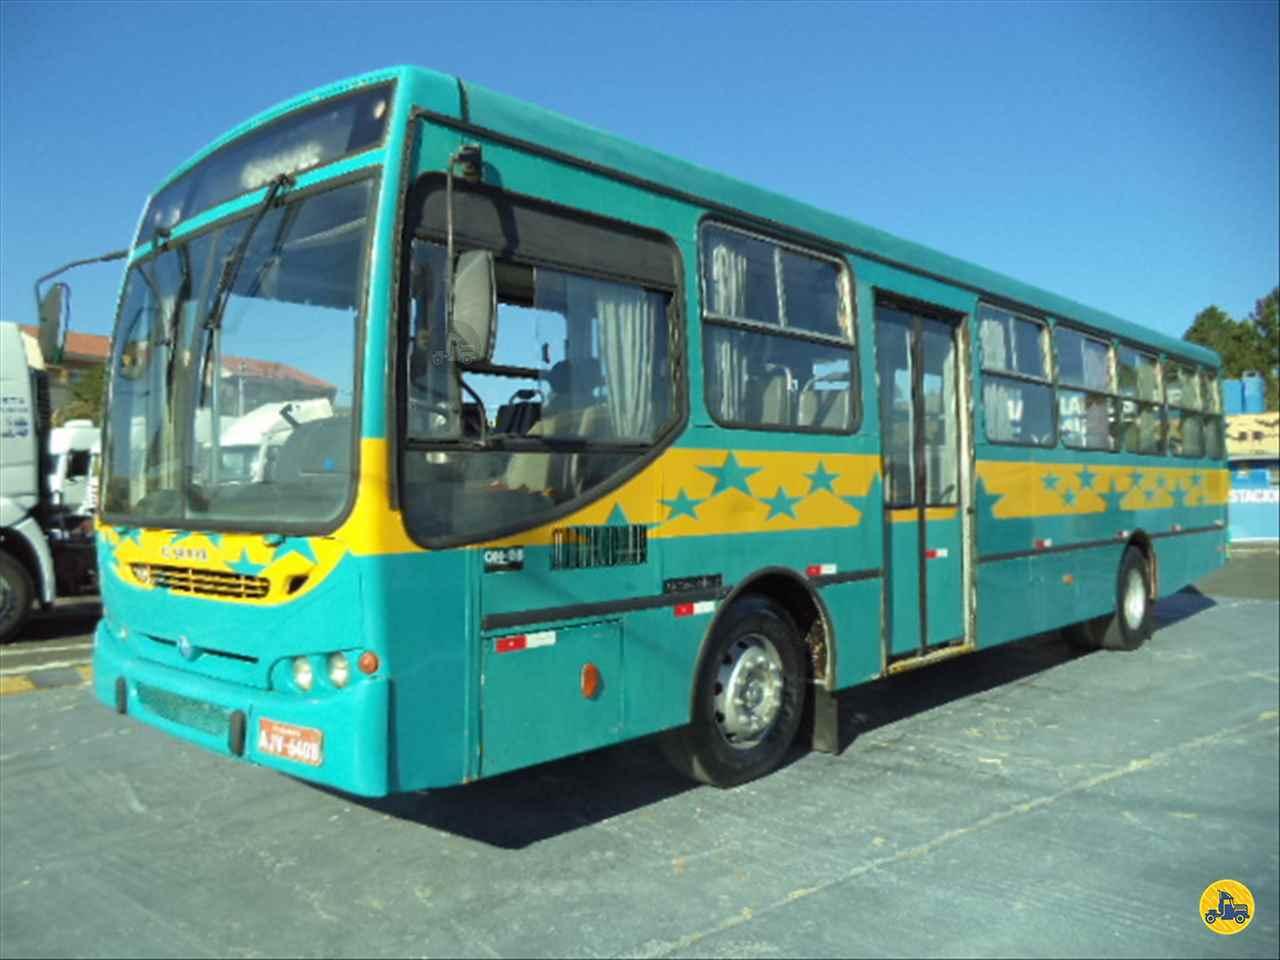 ONIBUS CAIO Apache Tração 4x2 Nego Véio Caminhões e Ônibus  COLOMBO PARANÁ PR